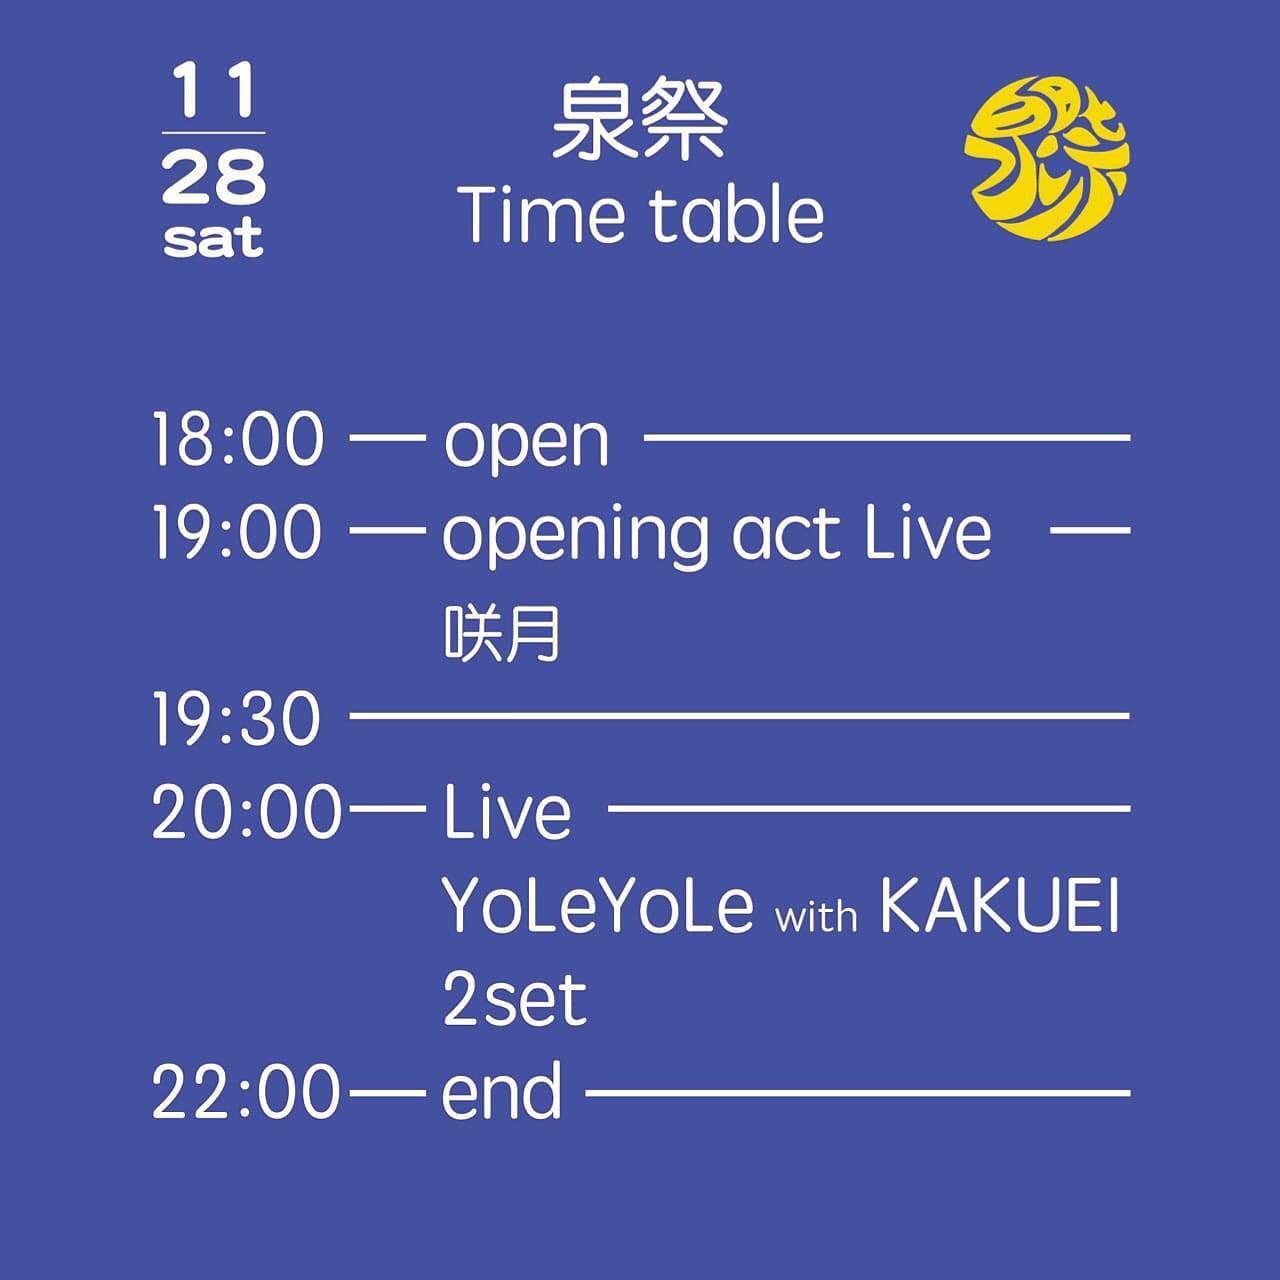 11/28.yole yole Liveのタイムテーブルとなります♪.コロナ対策のため、野外でのLiveとなります。風よけはありますが、冷えると思います。暖かくしてお越しくださいね.2020年11月28日(土)..sloWPorch&なごみ presents.『泉祭』.なごみでYoLeYoLe〜@nagomi_hamaokasakyu .Open 18:30 Start 19:00..Charge ¥3,000.50人限定 ※要予約.(中学生以下無料)..-Live-.YoLeYoLe..-Opening act-.咲月..※コロナウイルス感染防止の為マスク着用でご来場をお願いします。当日受付にて検温をさせて頂きます。体調の悪い方の入場はご遠慮いただいます。ご了承ください。.-企画・主催-.なごみ.sloWPorch...-予約・問い合わせ-.【砂丘魚政なごみ】.静岡県御前崎市池新田9122-1.0537-85-2418..【sloWPorch.slowporchkikaku@gmail.com..https://slowporchkikaku.wixsite.com/home.#yoleyole #咲月 #浜岡砂丘 #浜岡砂丘なごみ #ライブ #御前崎市